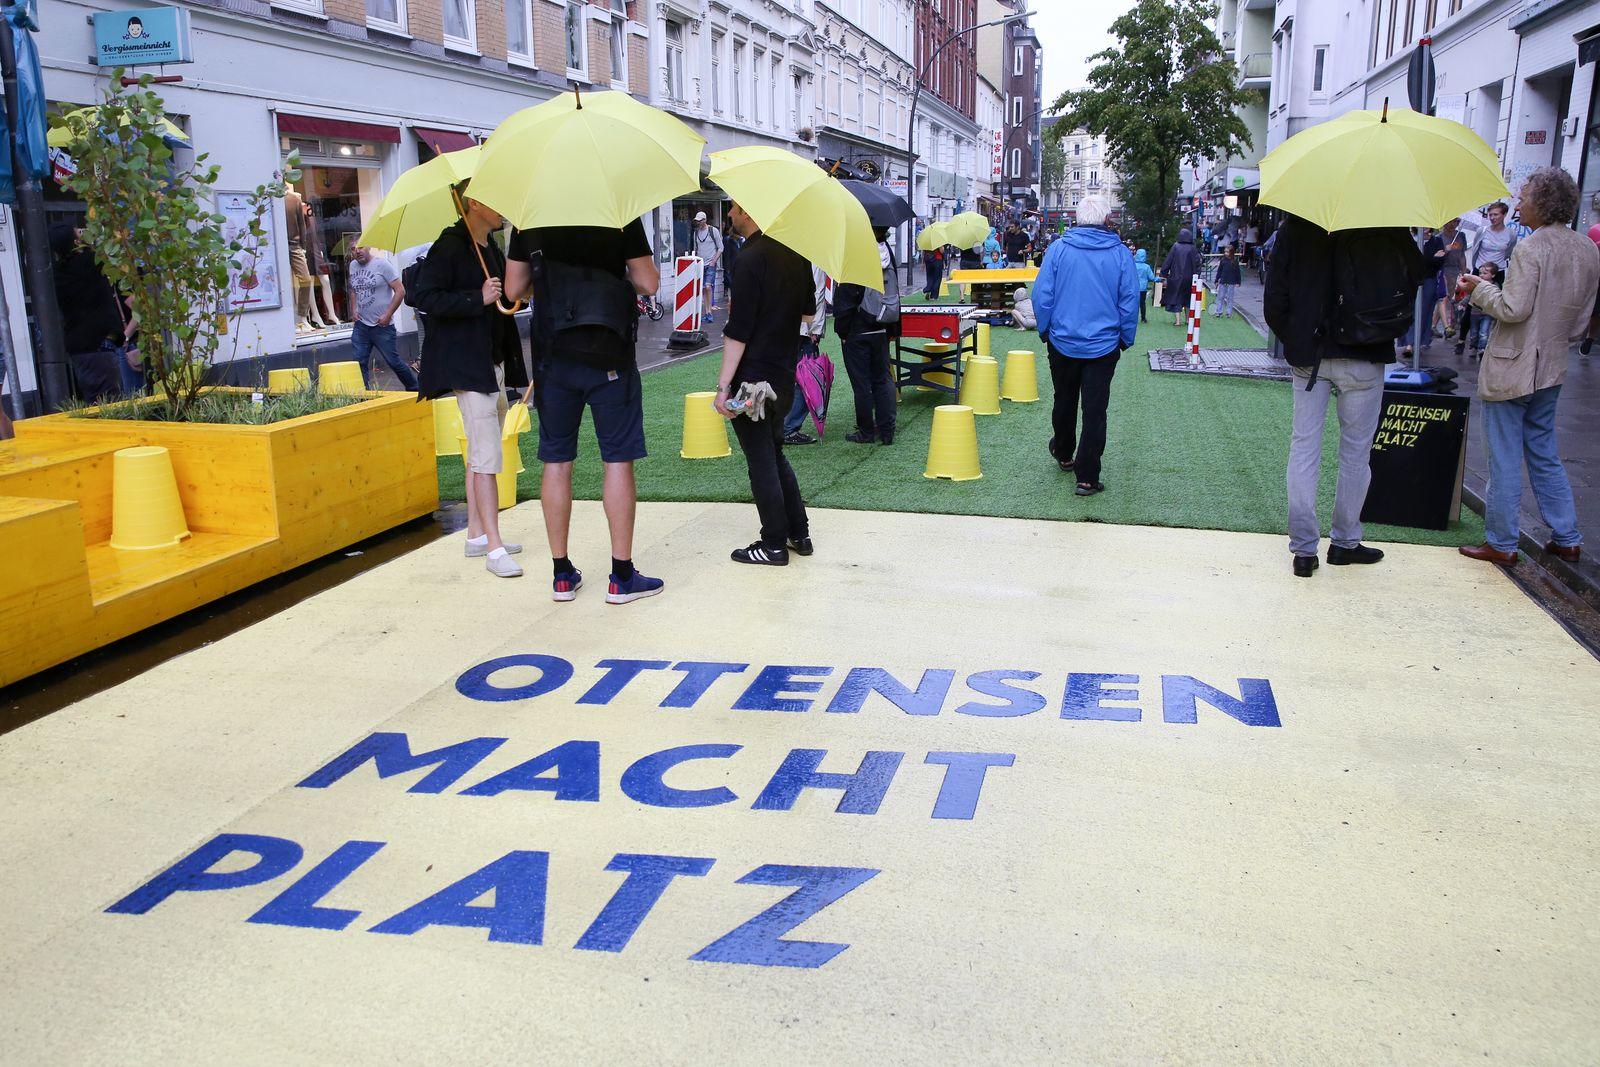 Teile des Hamburger Stadtteils Ottensen sind temporär autofrei